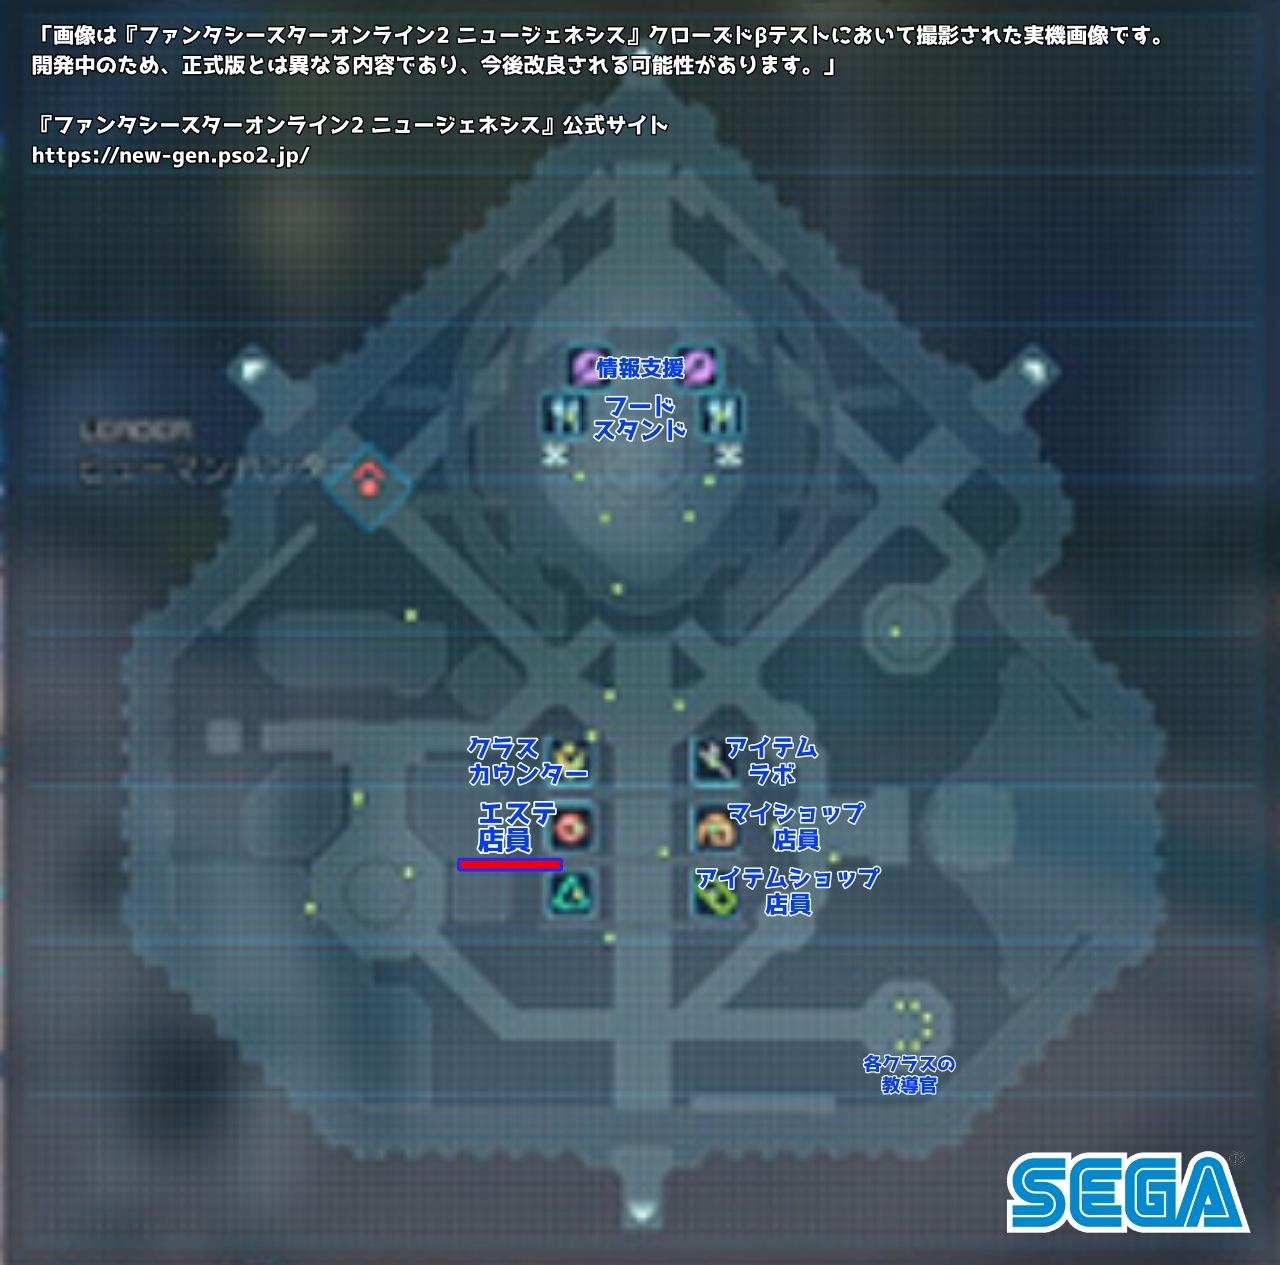 PSO2NGS セントラルシティマップ